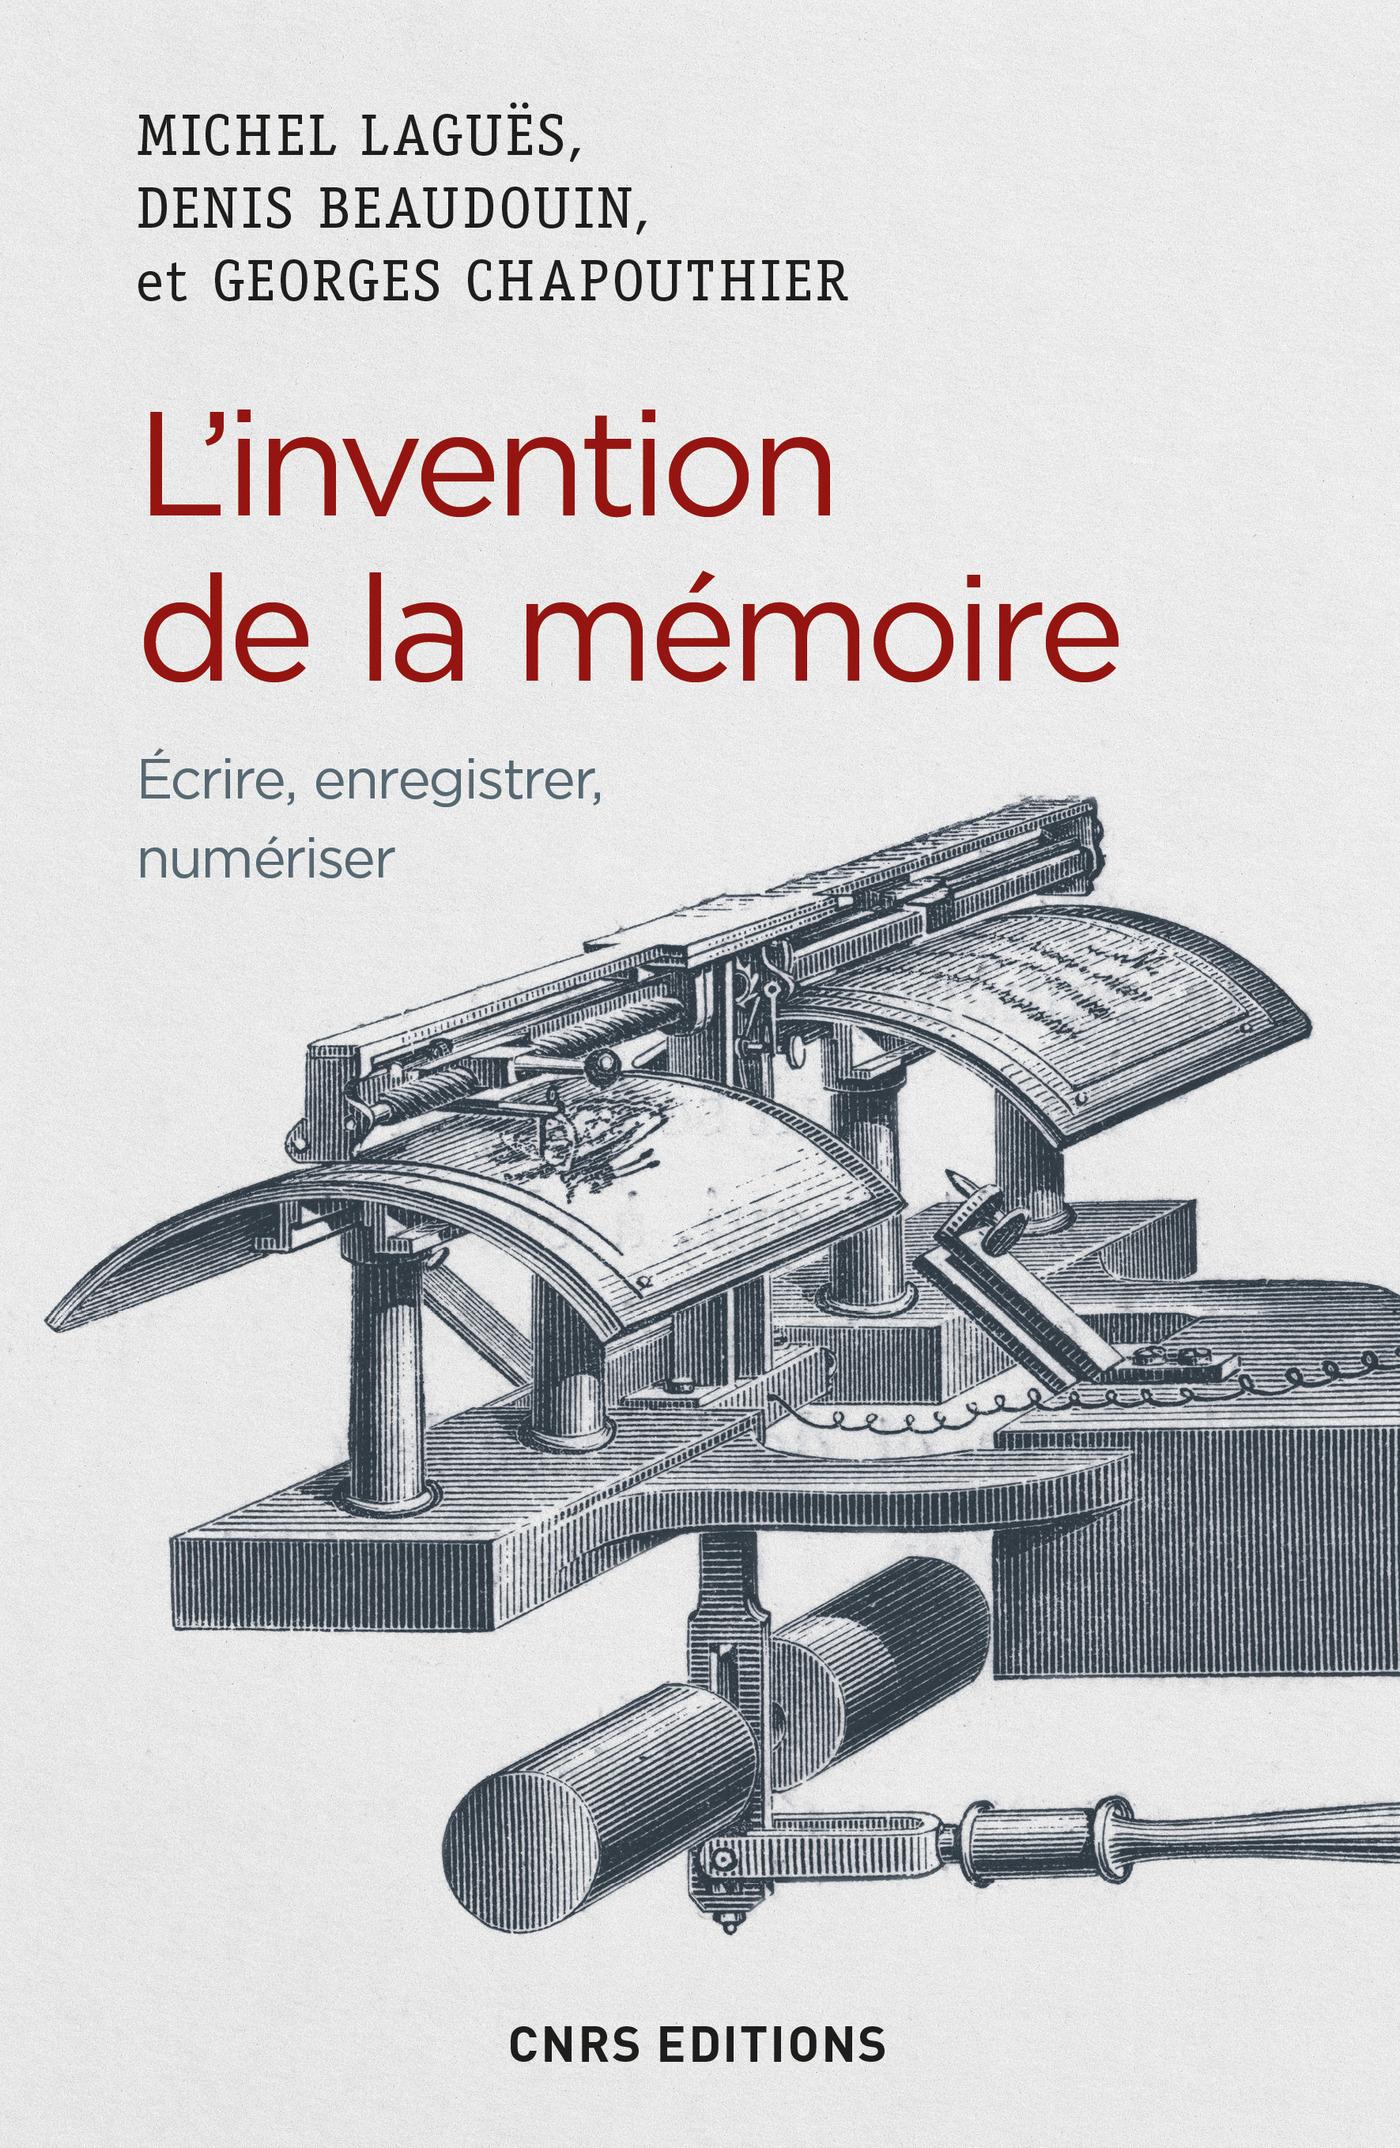 L'invention de la mémoire. Ecrire, enregistrer, numériser